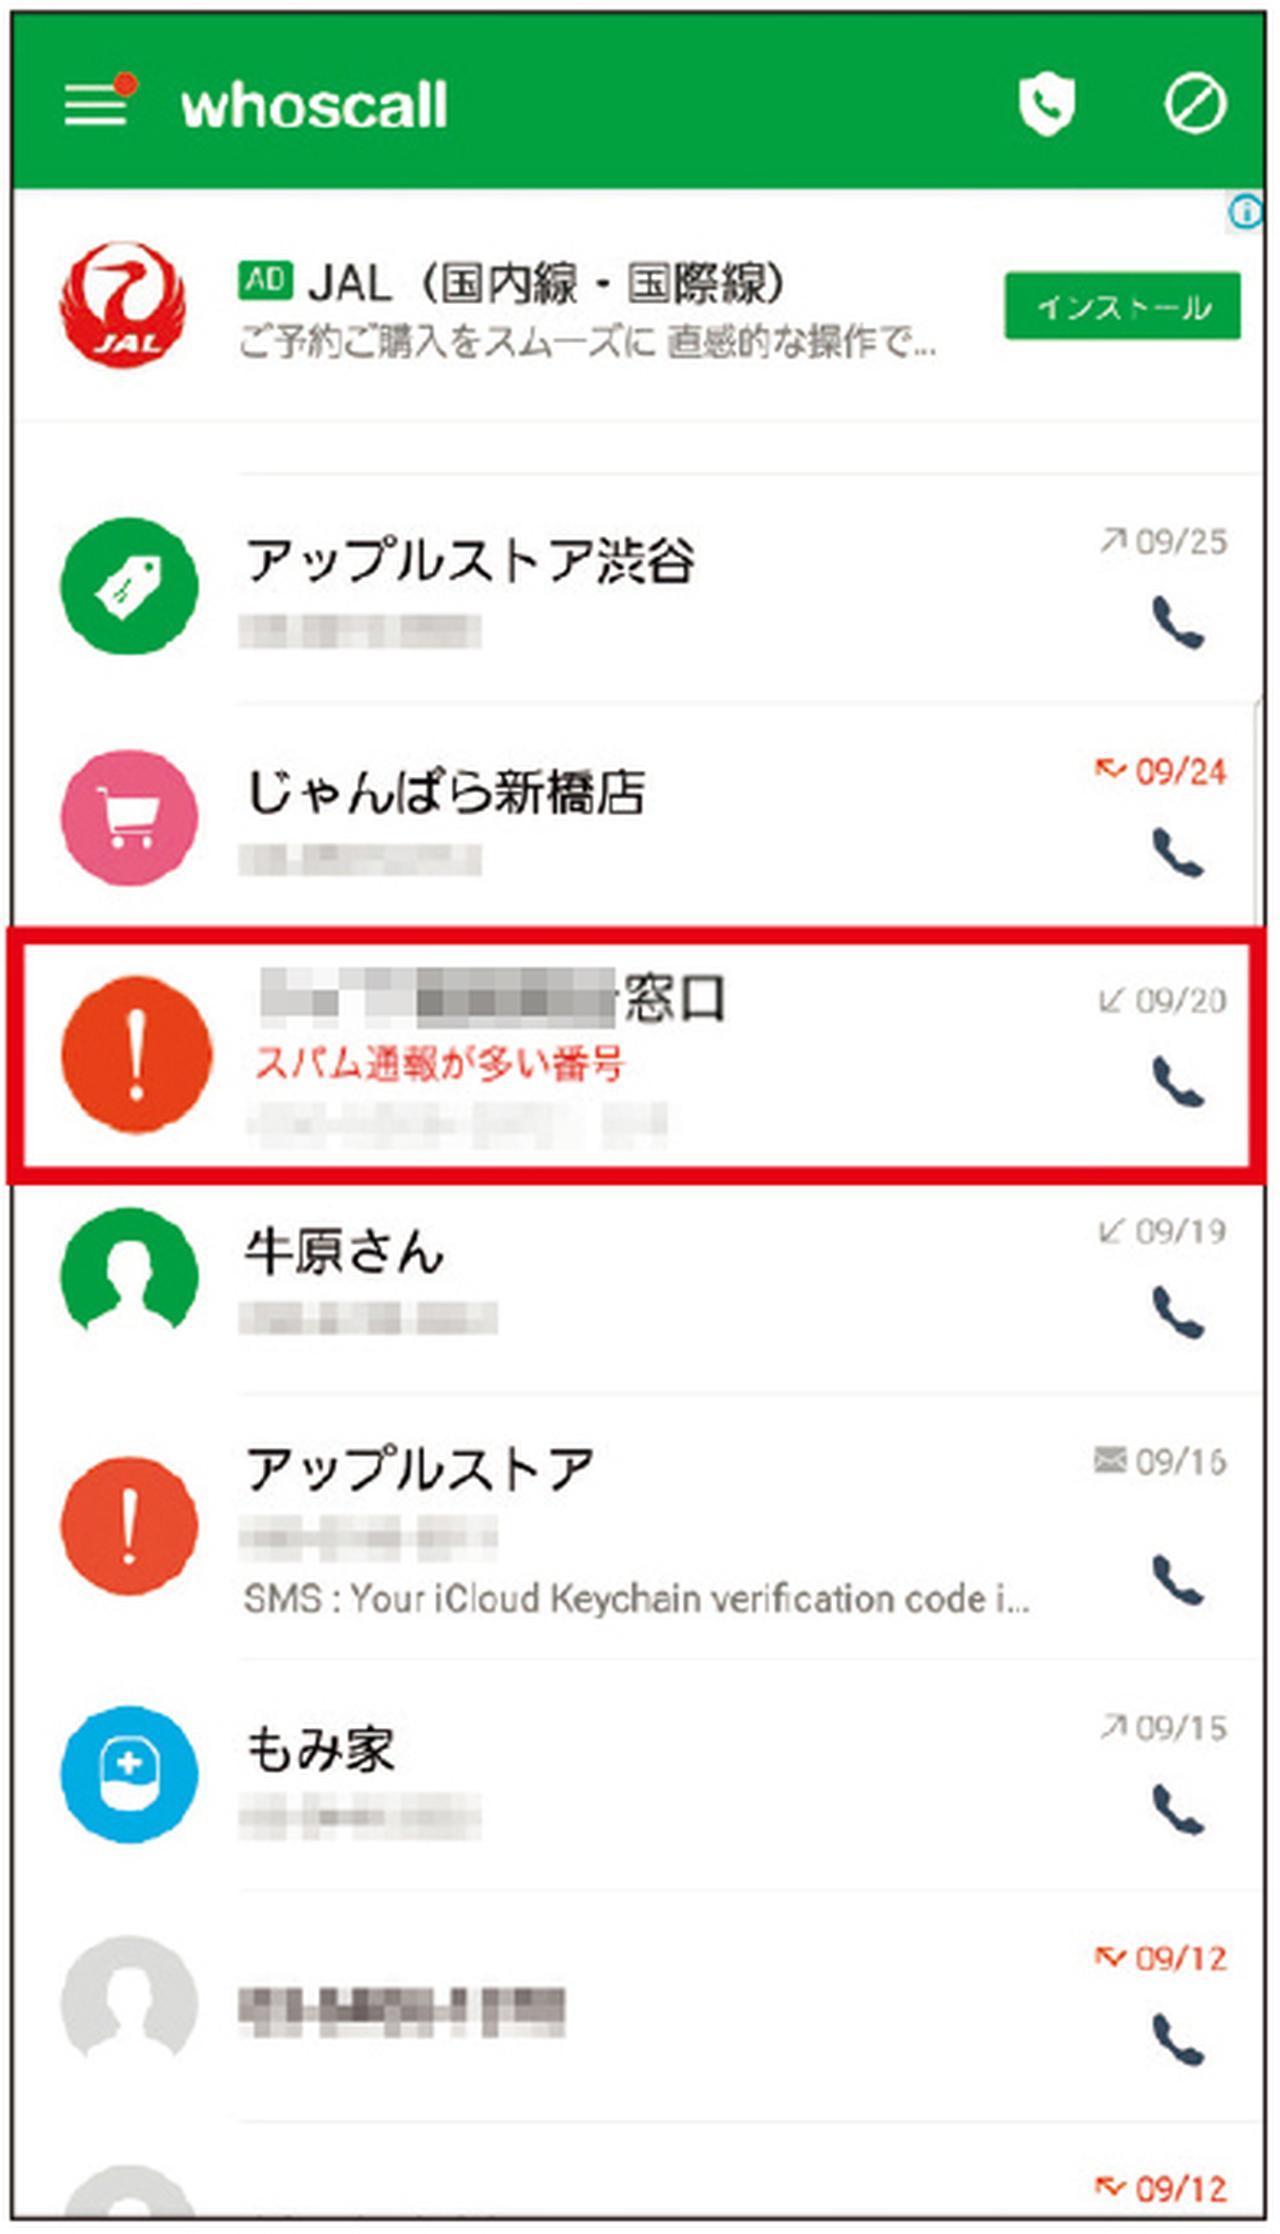 画像: 電話帳に登録されていない番号からかかってきても、膨大なデータベースと照合して発信先を特定できる。